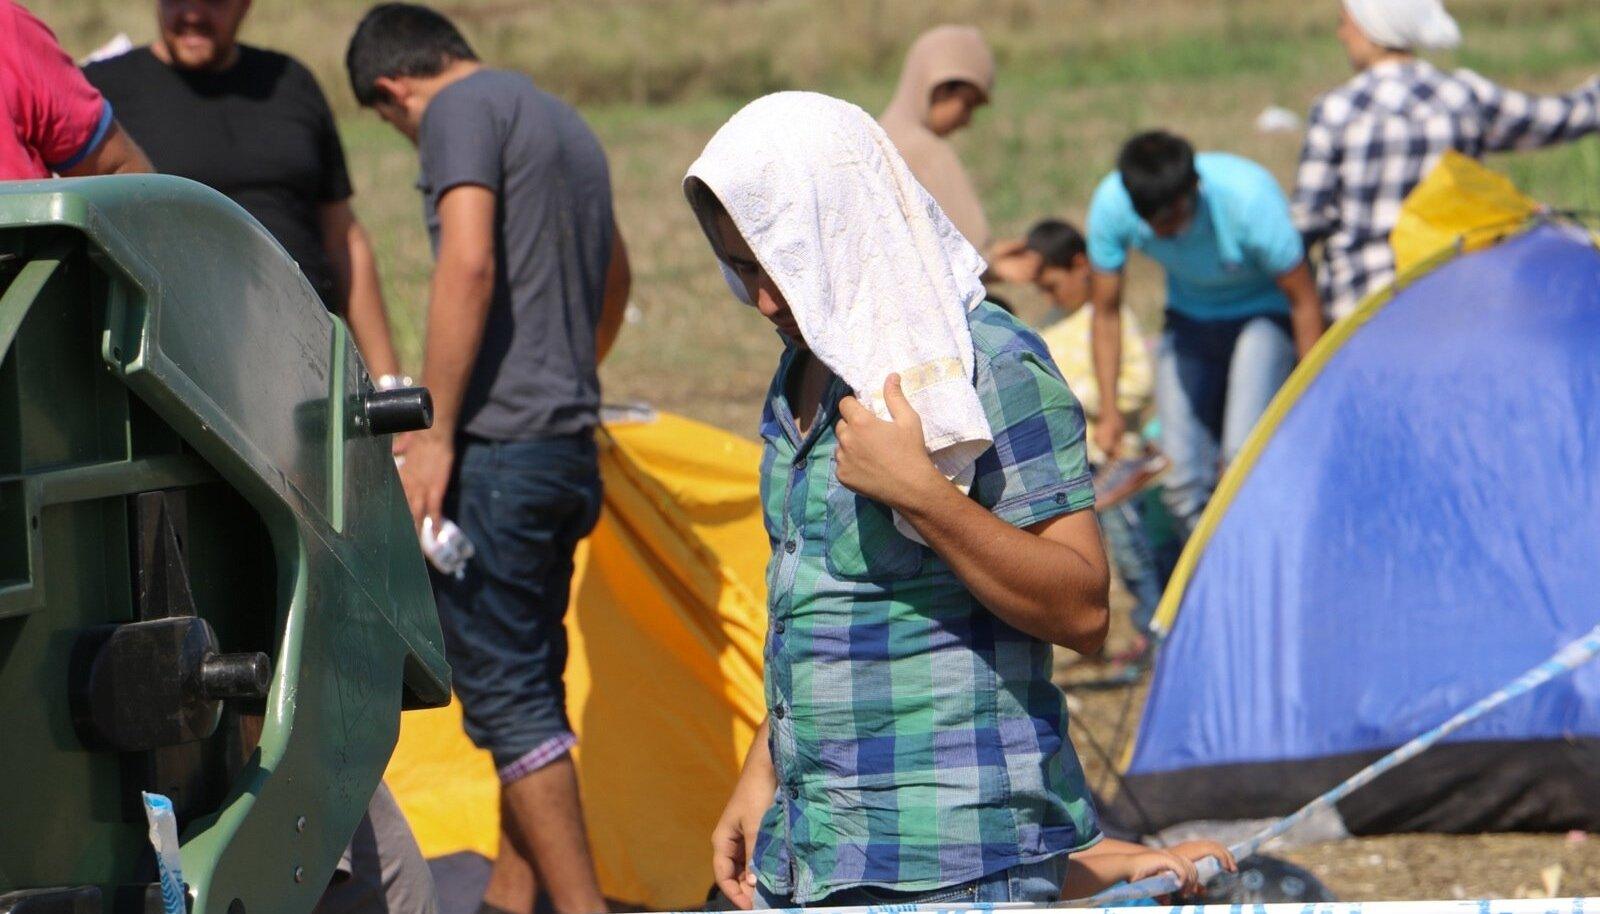 Migrandid kogumispunktis Ungaris.